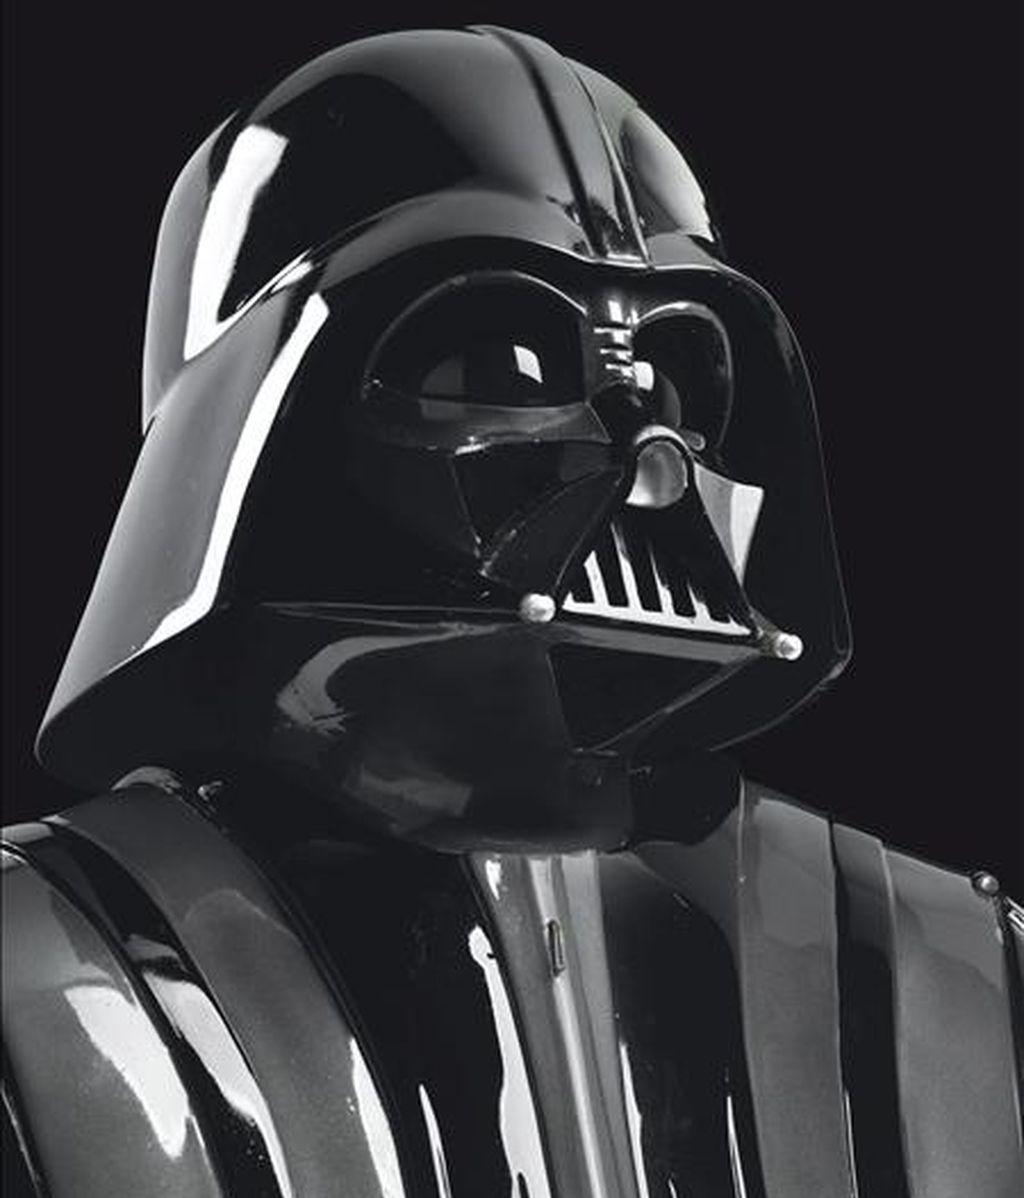 Foto sin fechar, facilitada por la casa de subastas Christie's, que muestra el traje original de Darth Vader, el malo de la saga 'La Guerra de las Galaxias' de George Lucas. EFE